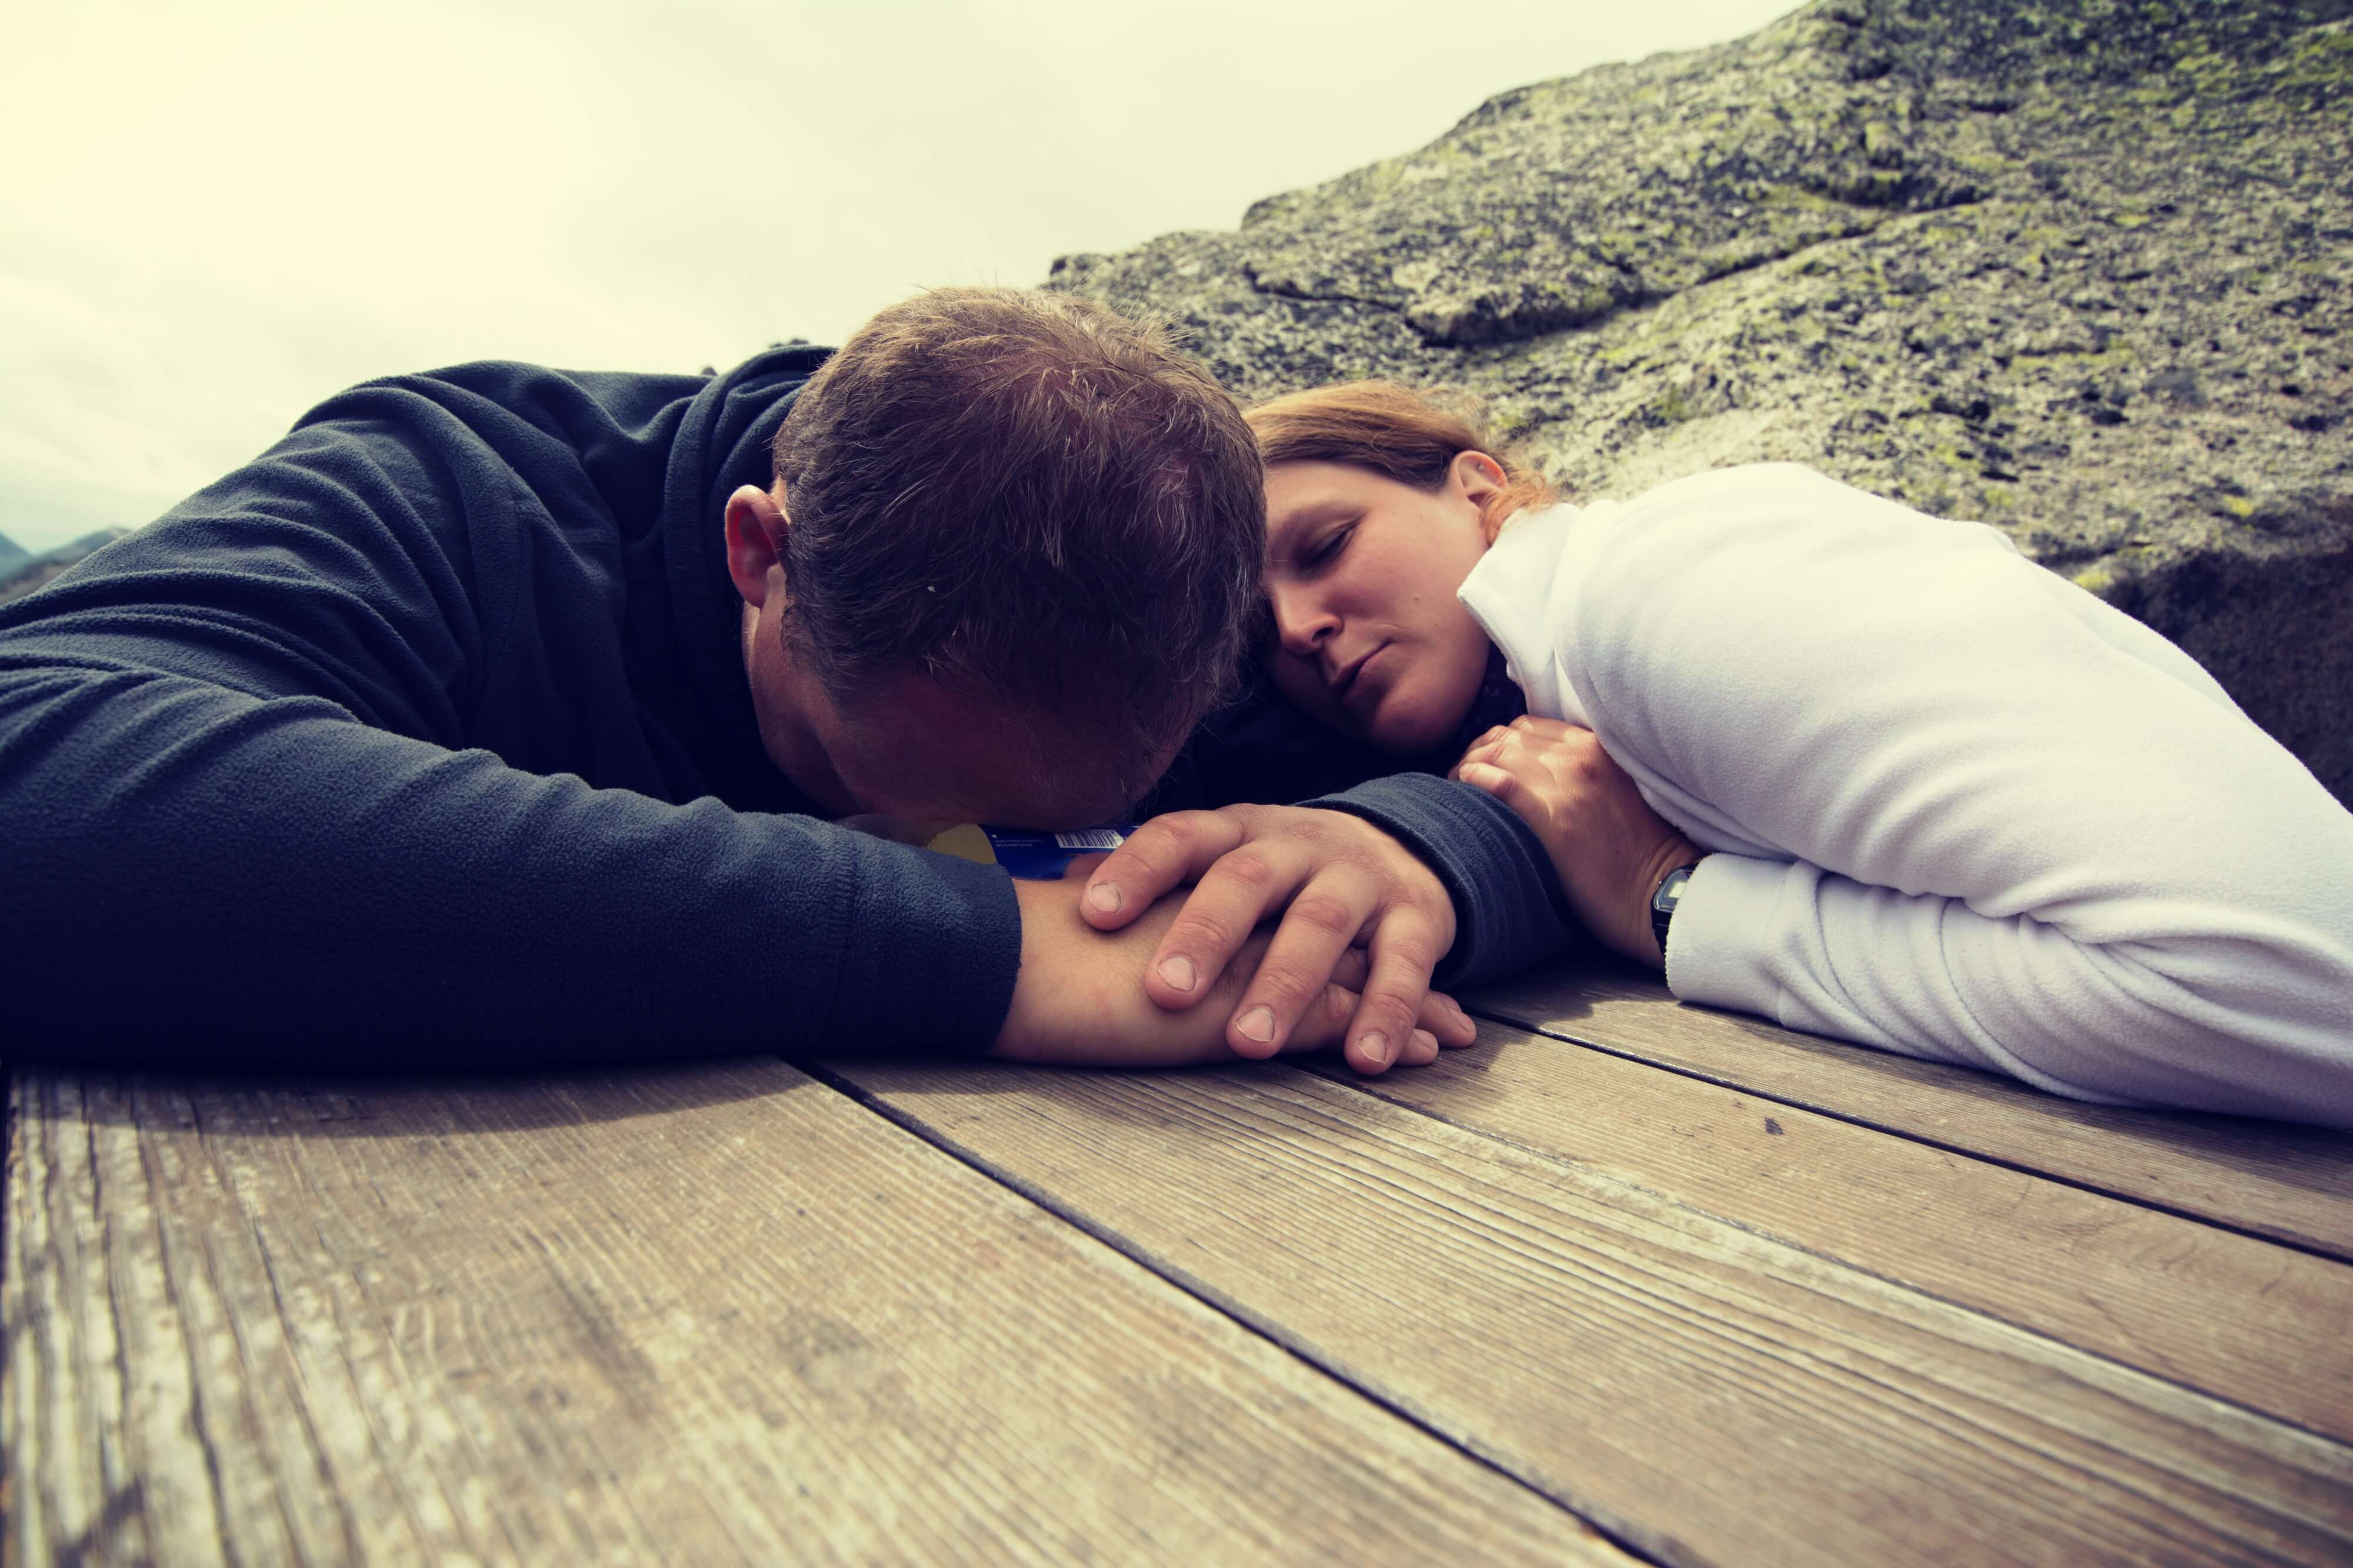 Hannah und ihr Freund erschöpft auf einem Tisch in den Bergen bei der Recherche zu Barfuß auf Wolken